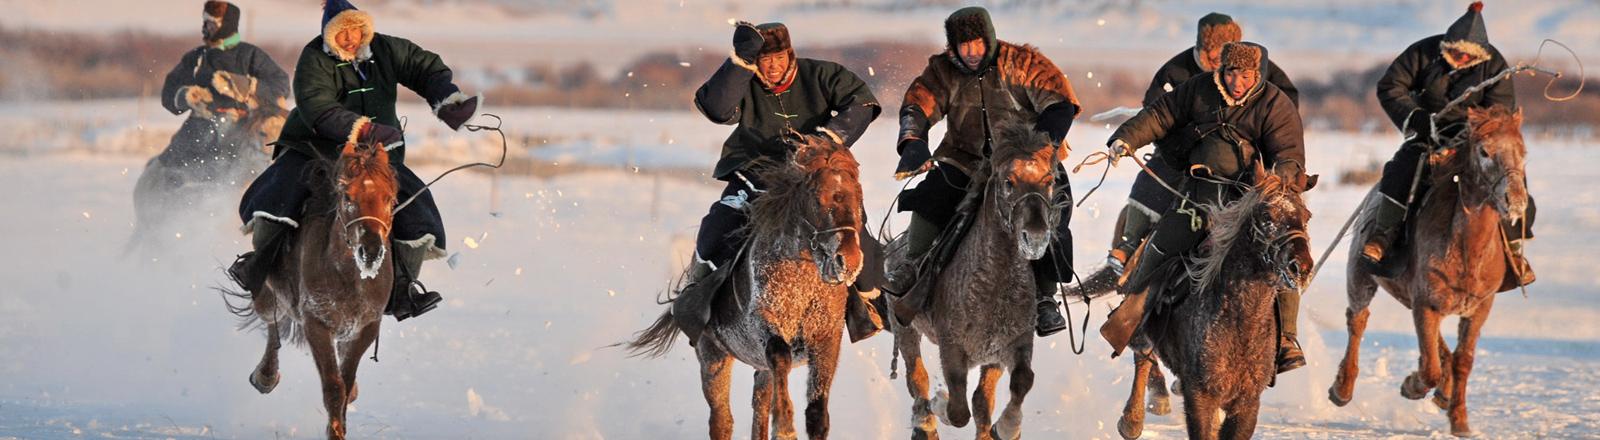 Reiter des Volks der Oroqen in der Inneren Mongolei